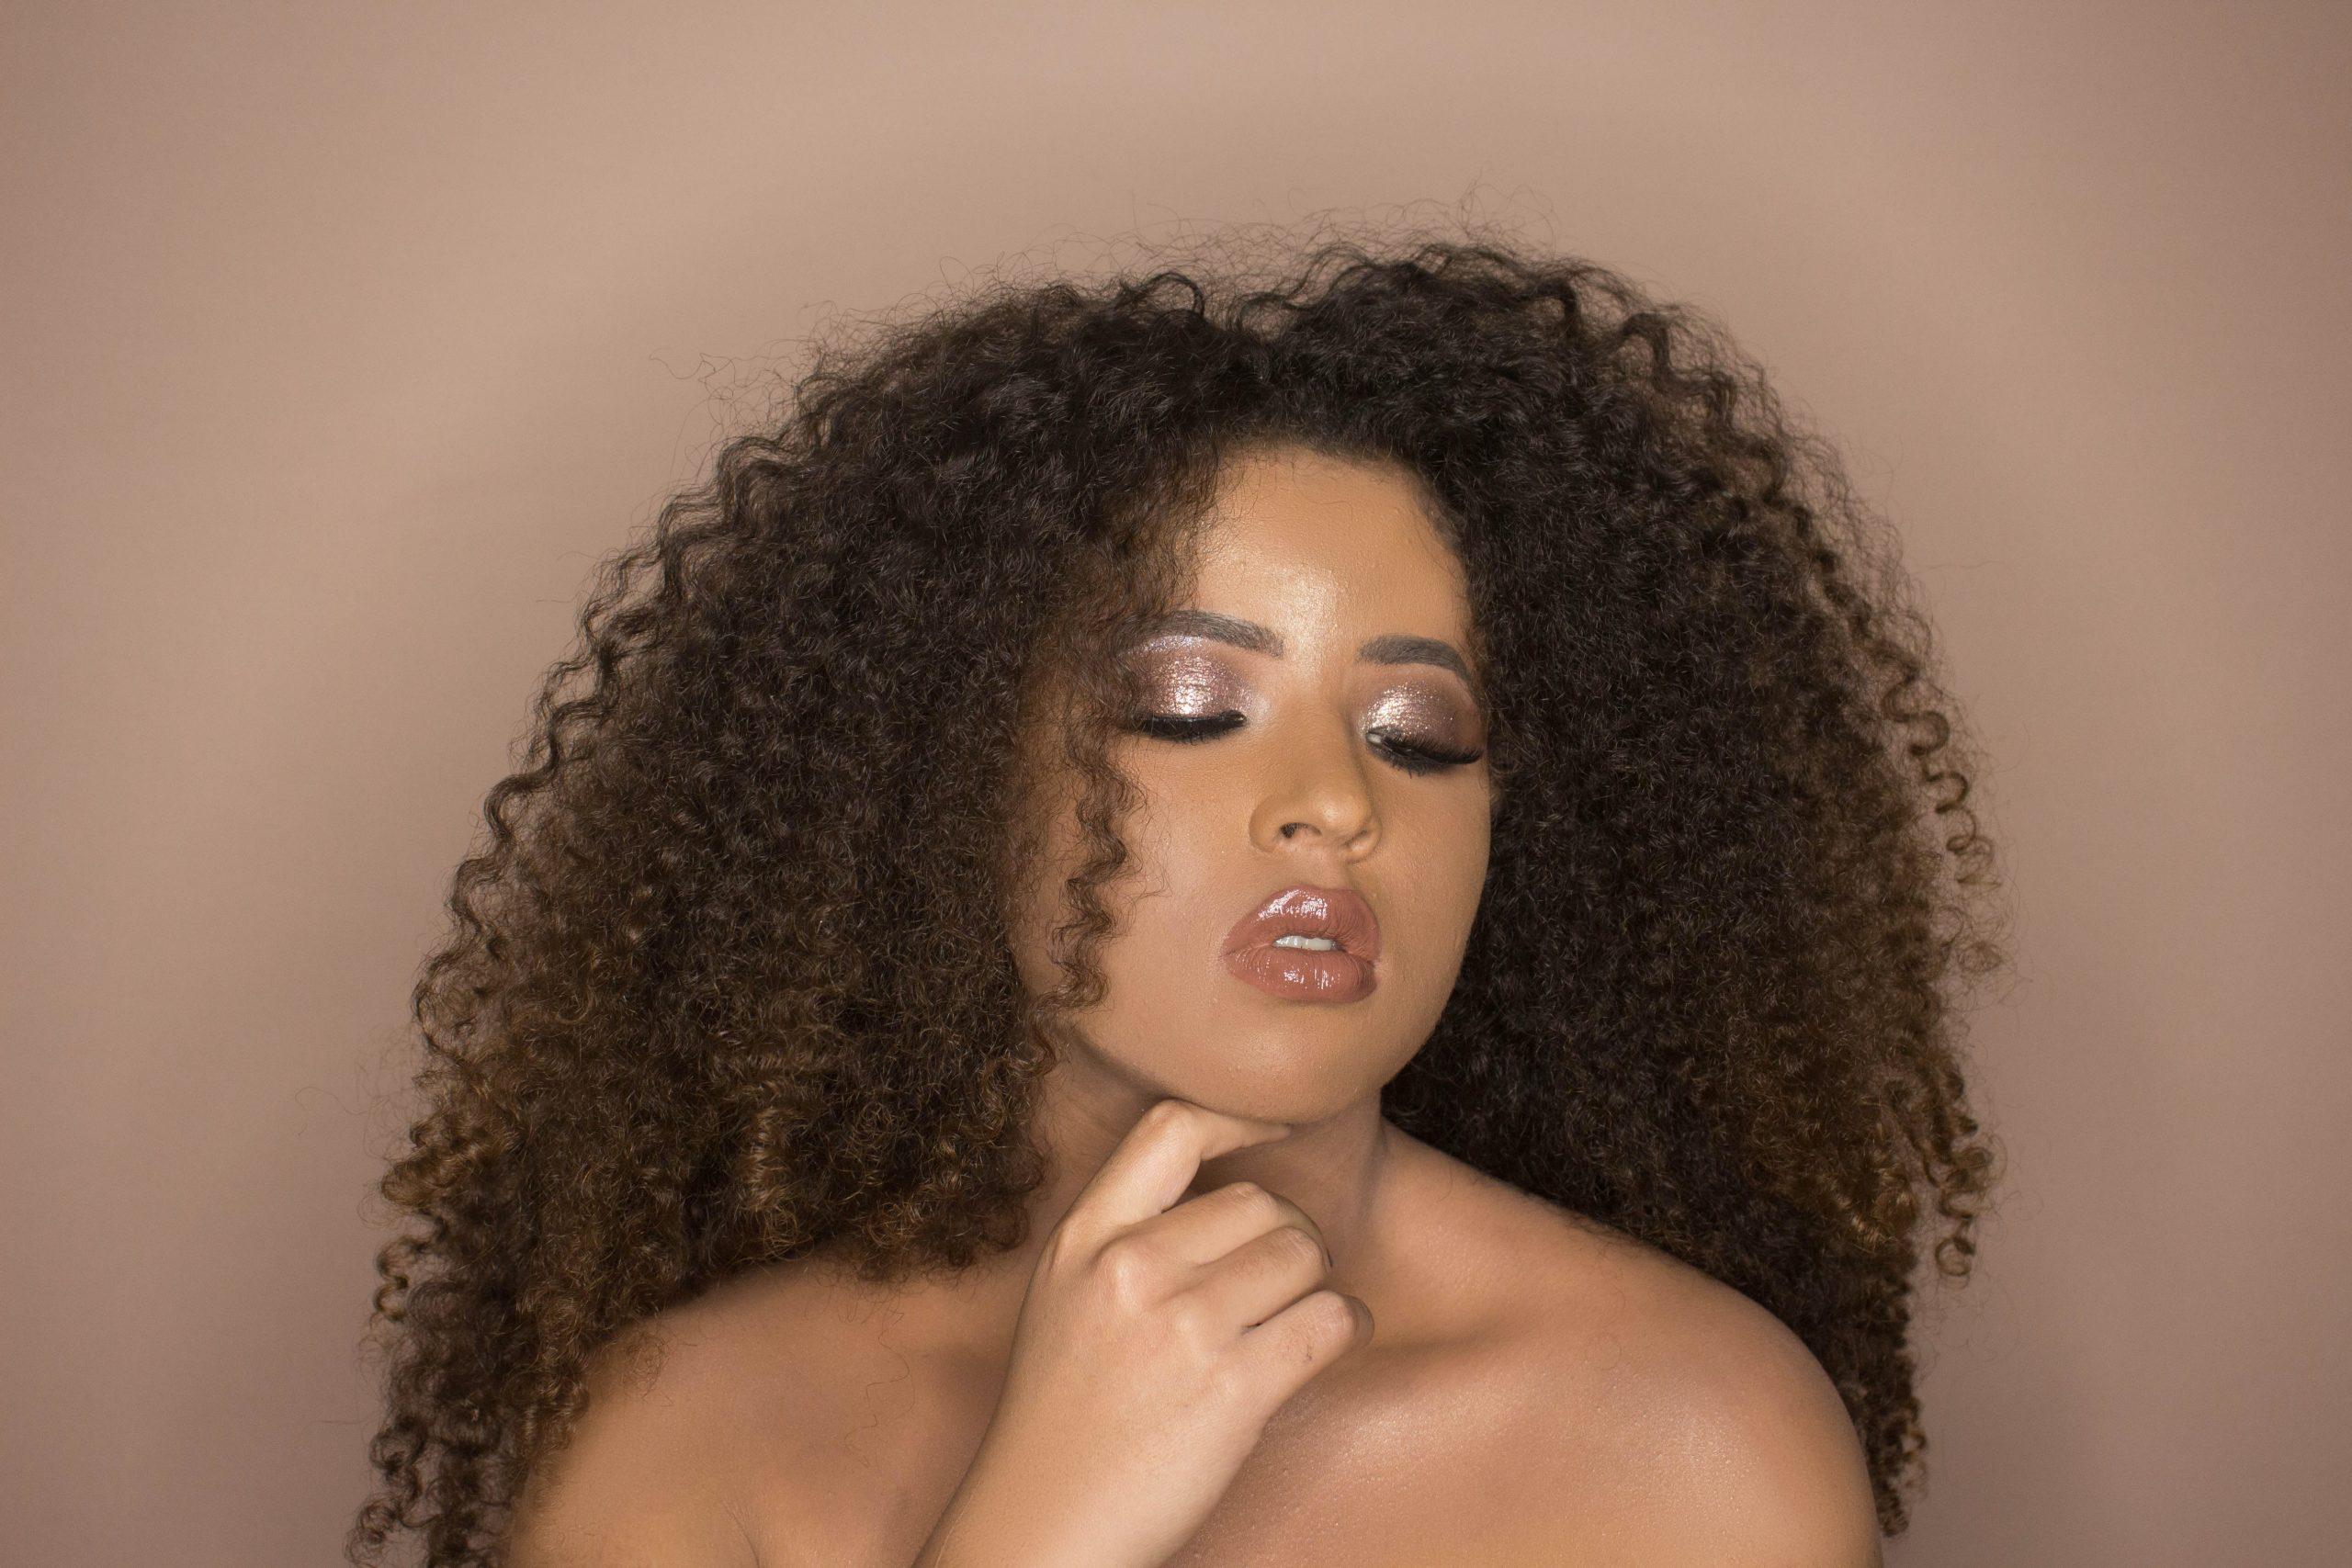 Mujer de cabello rizado luciendo maquillaje